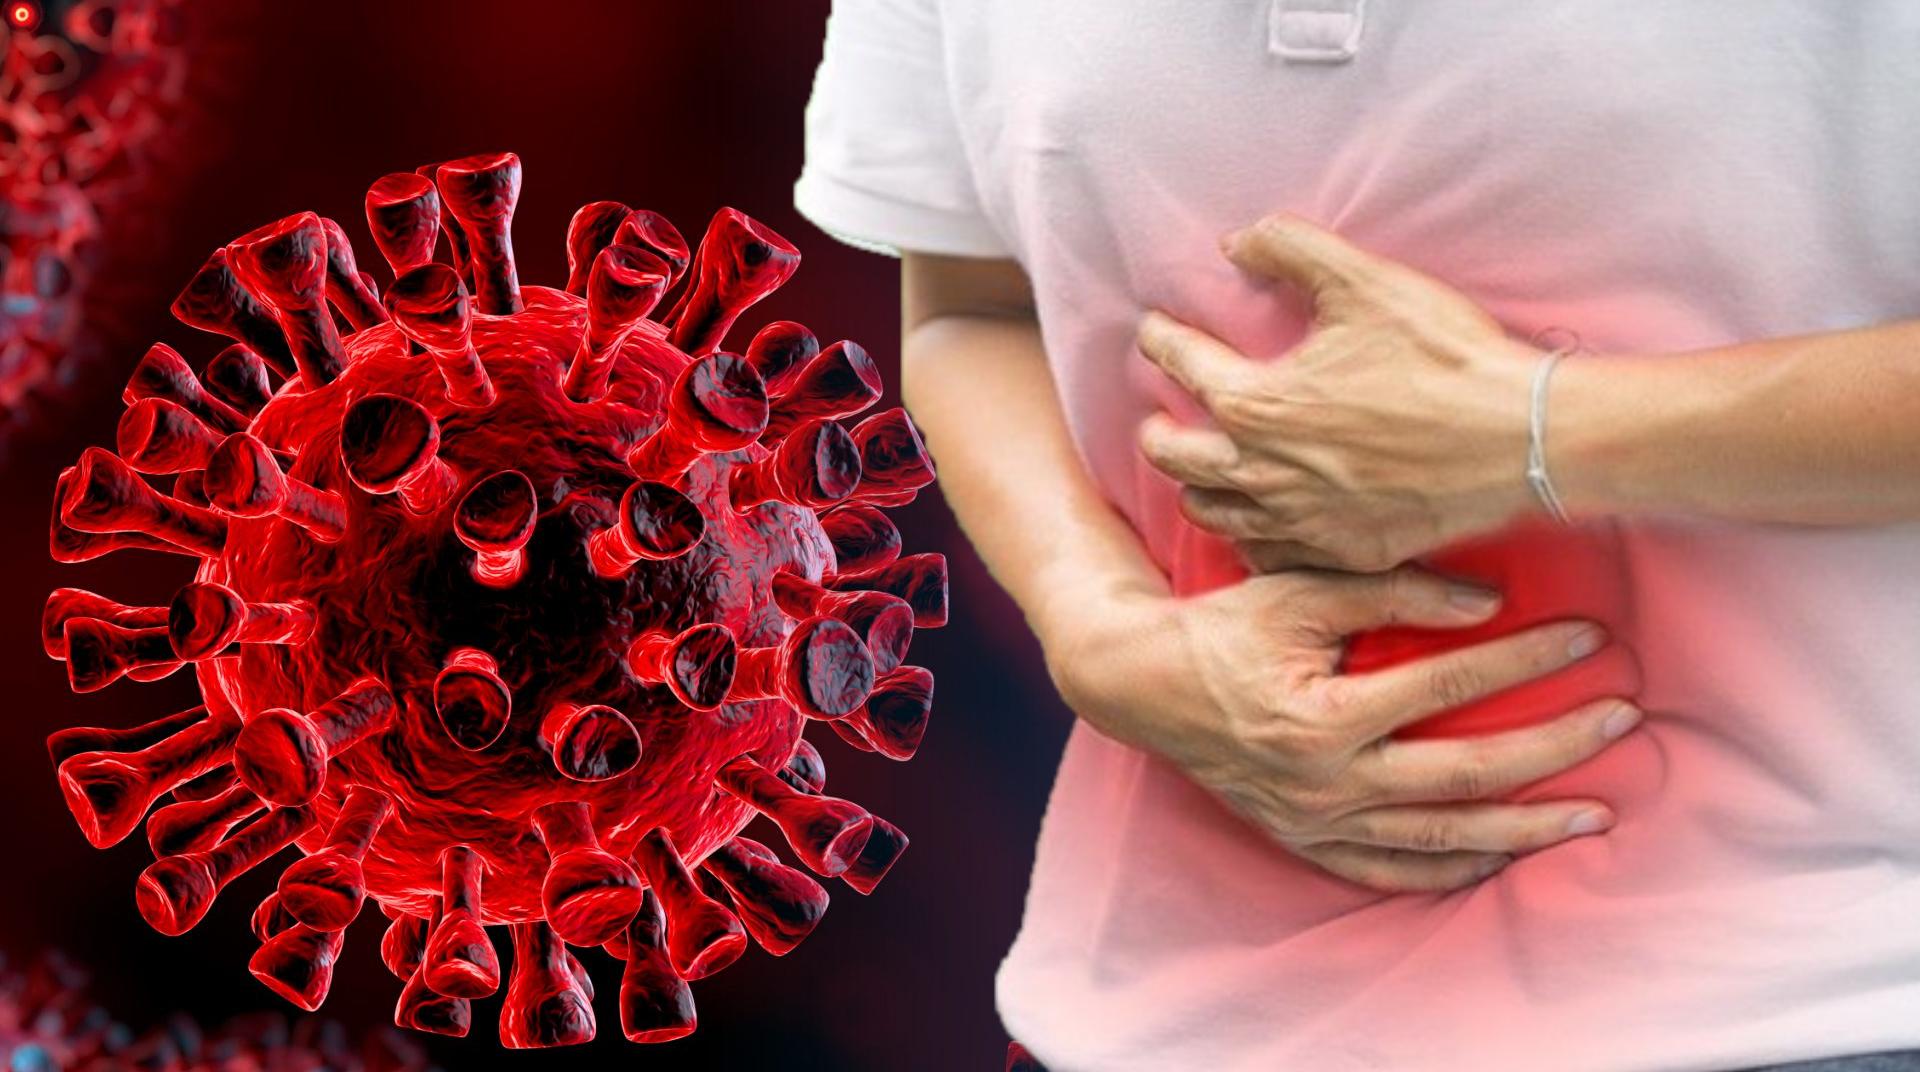 Viêm đại tràng mạn tính cải thiện hoặc nặng hơn trong đại dịch Covid-19